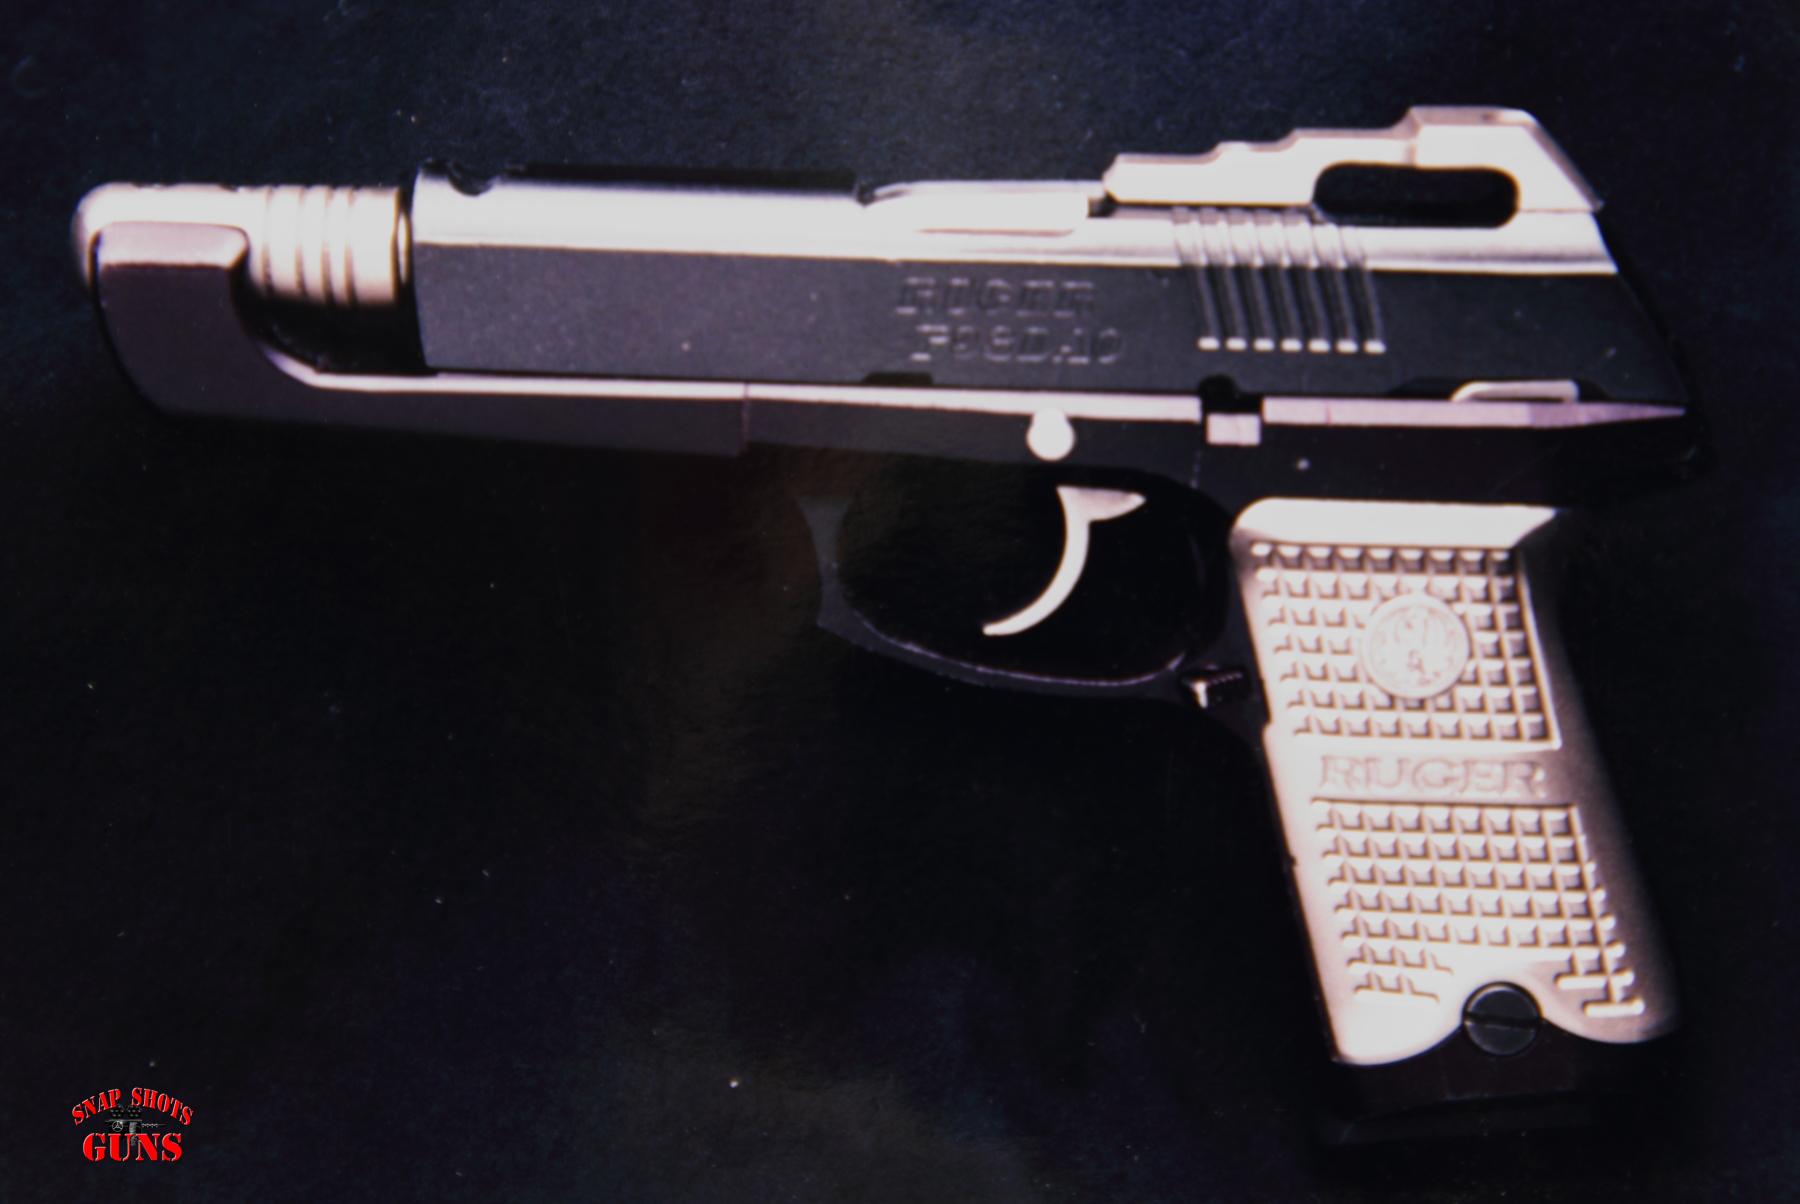 Belcher's gun